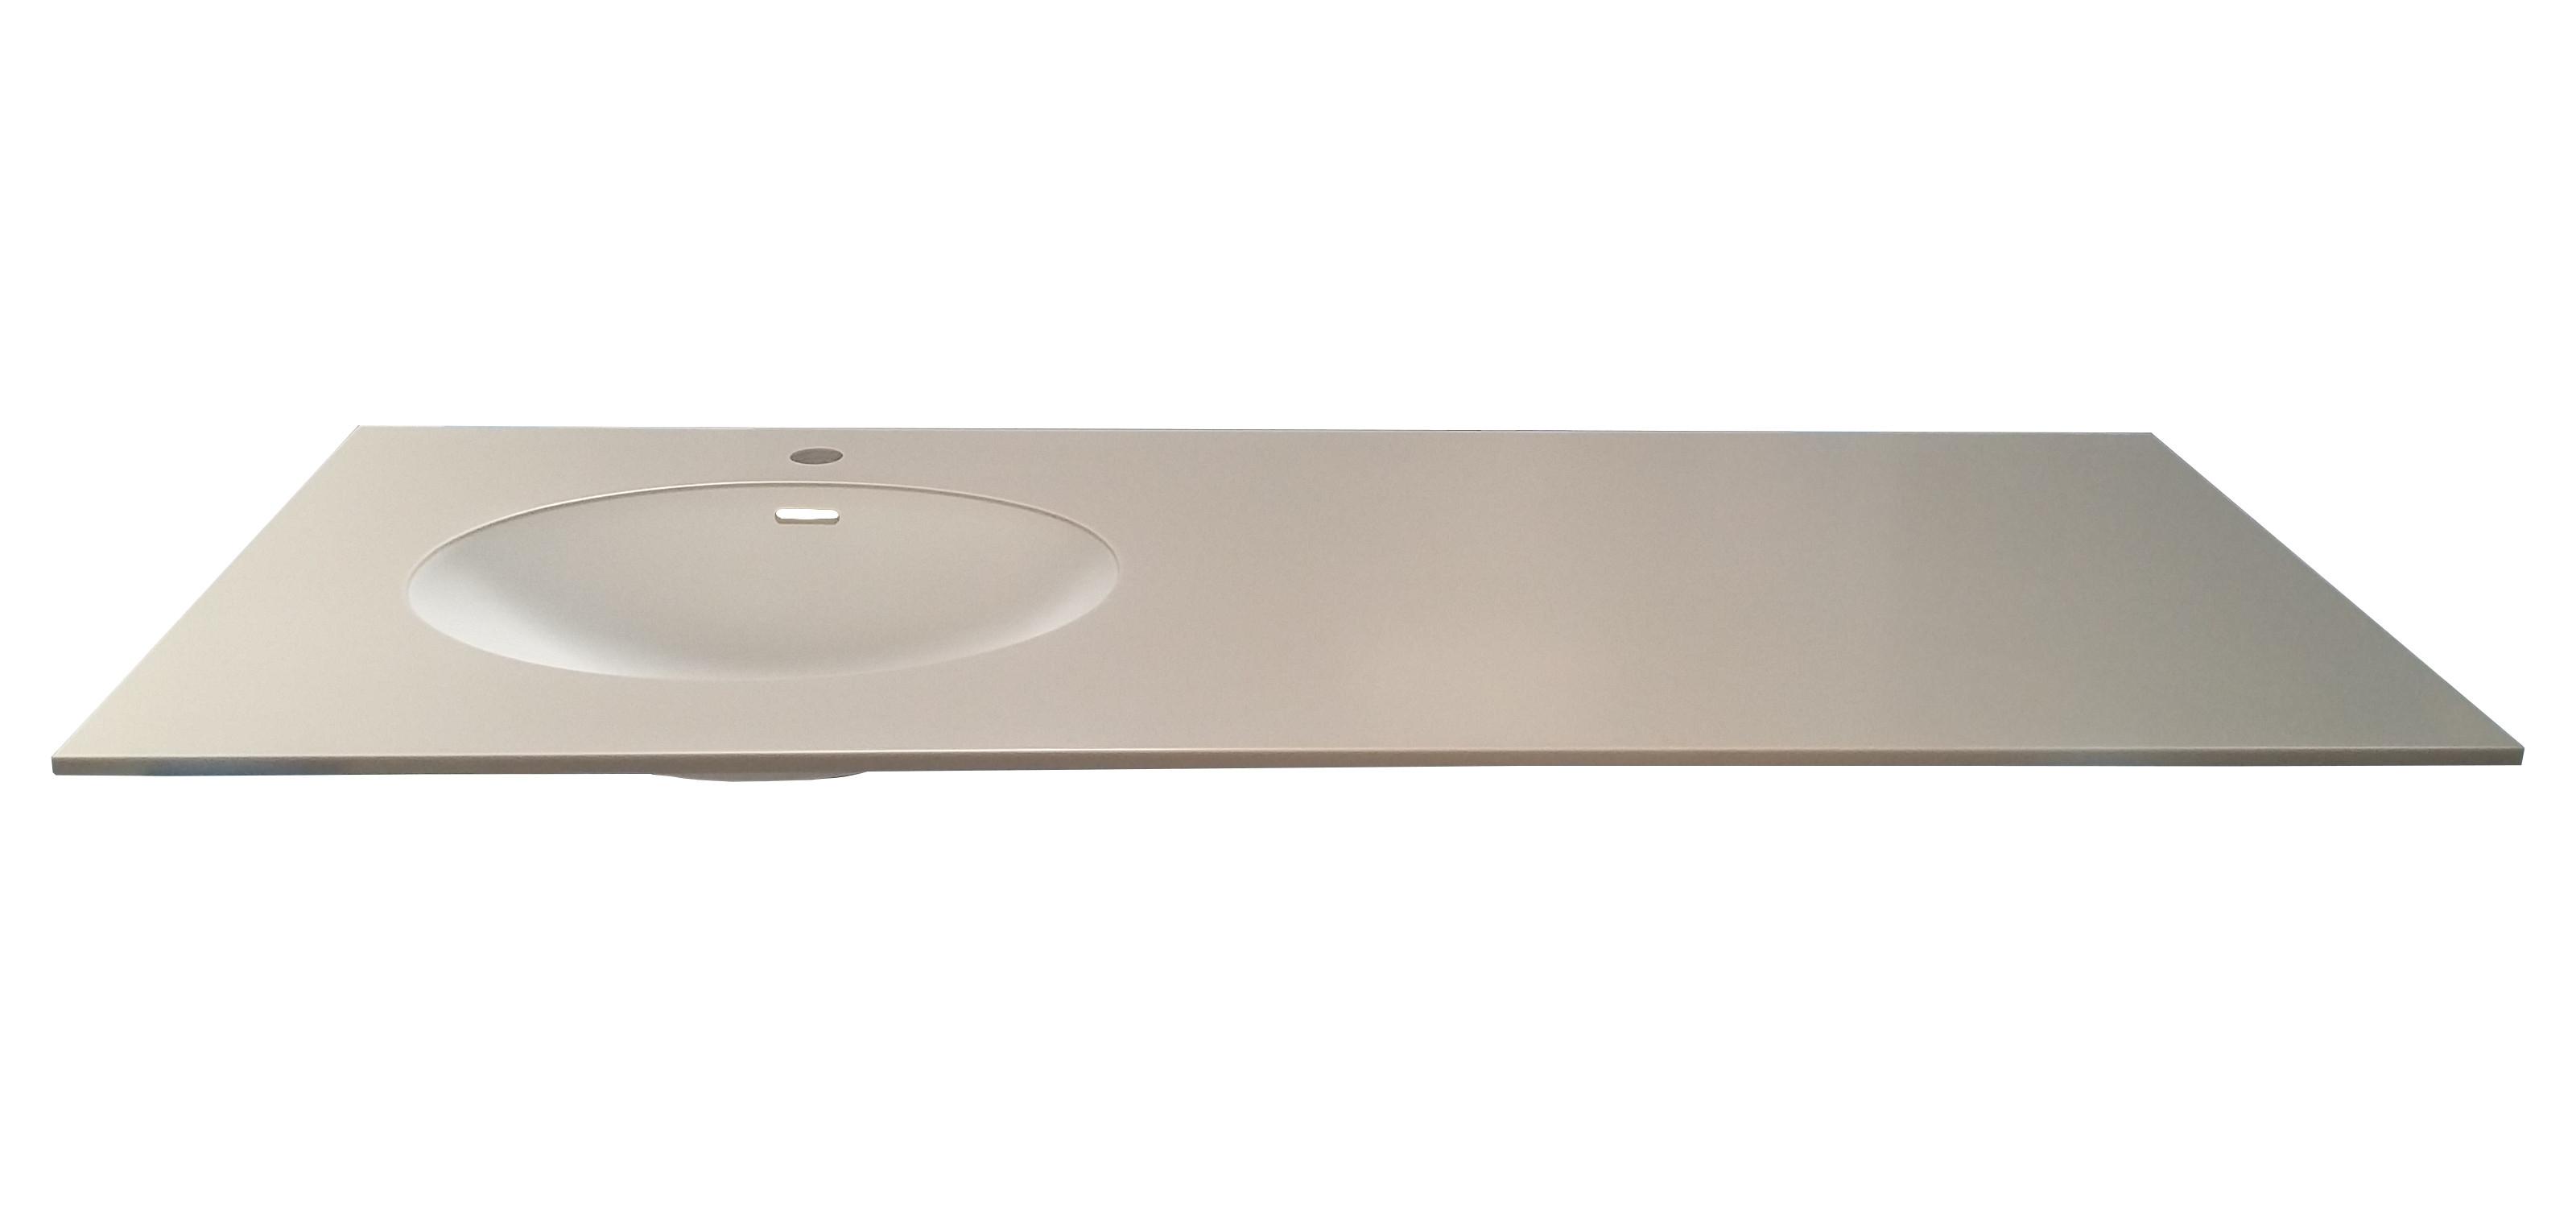 Dupont Corian bordplade til badeværelse med isvejst oval corianvask.